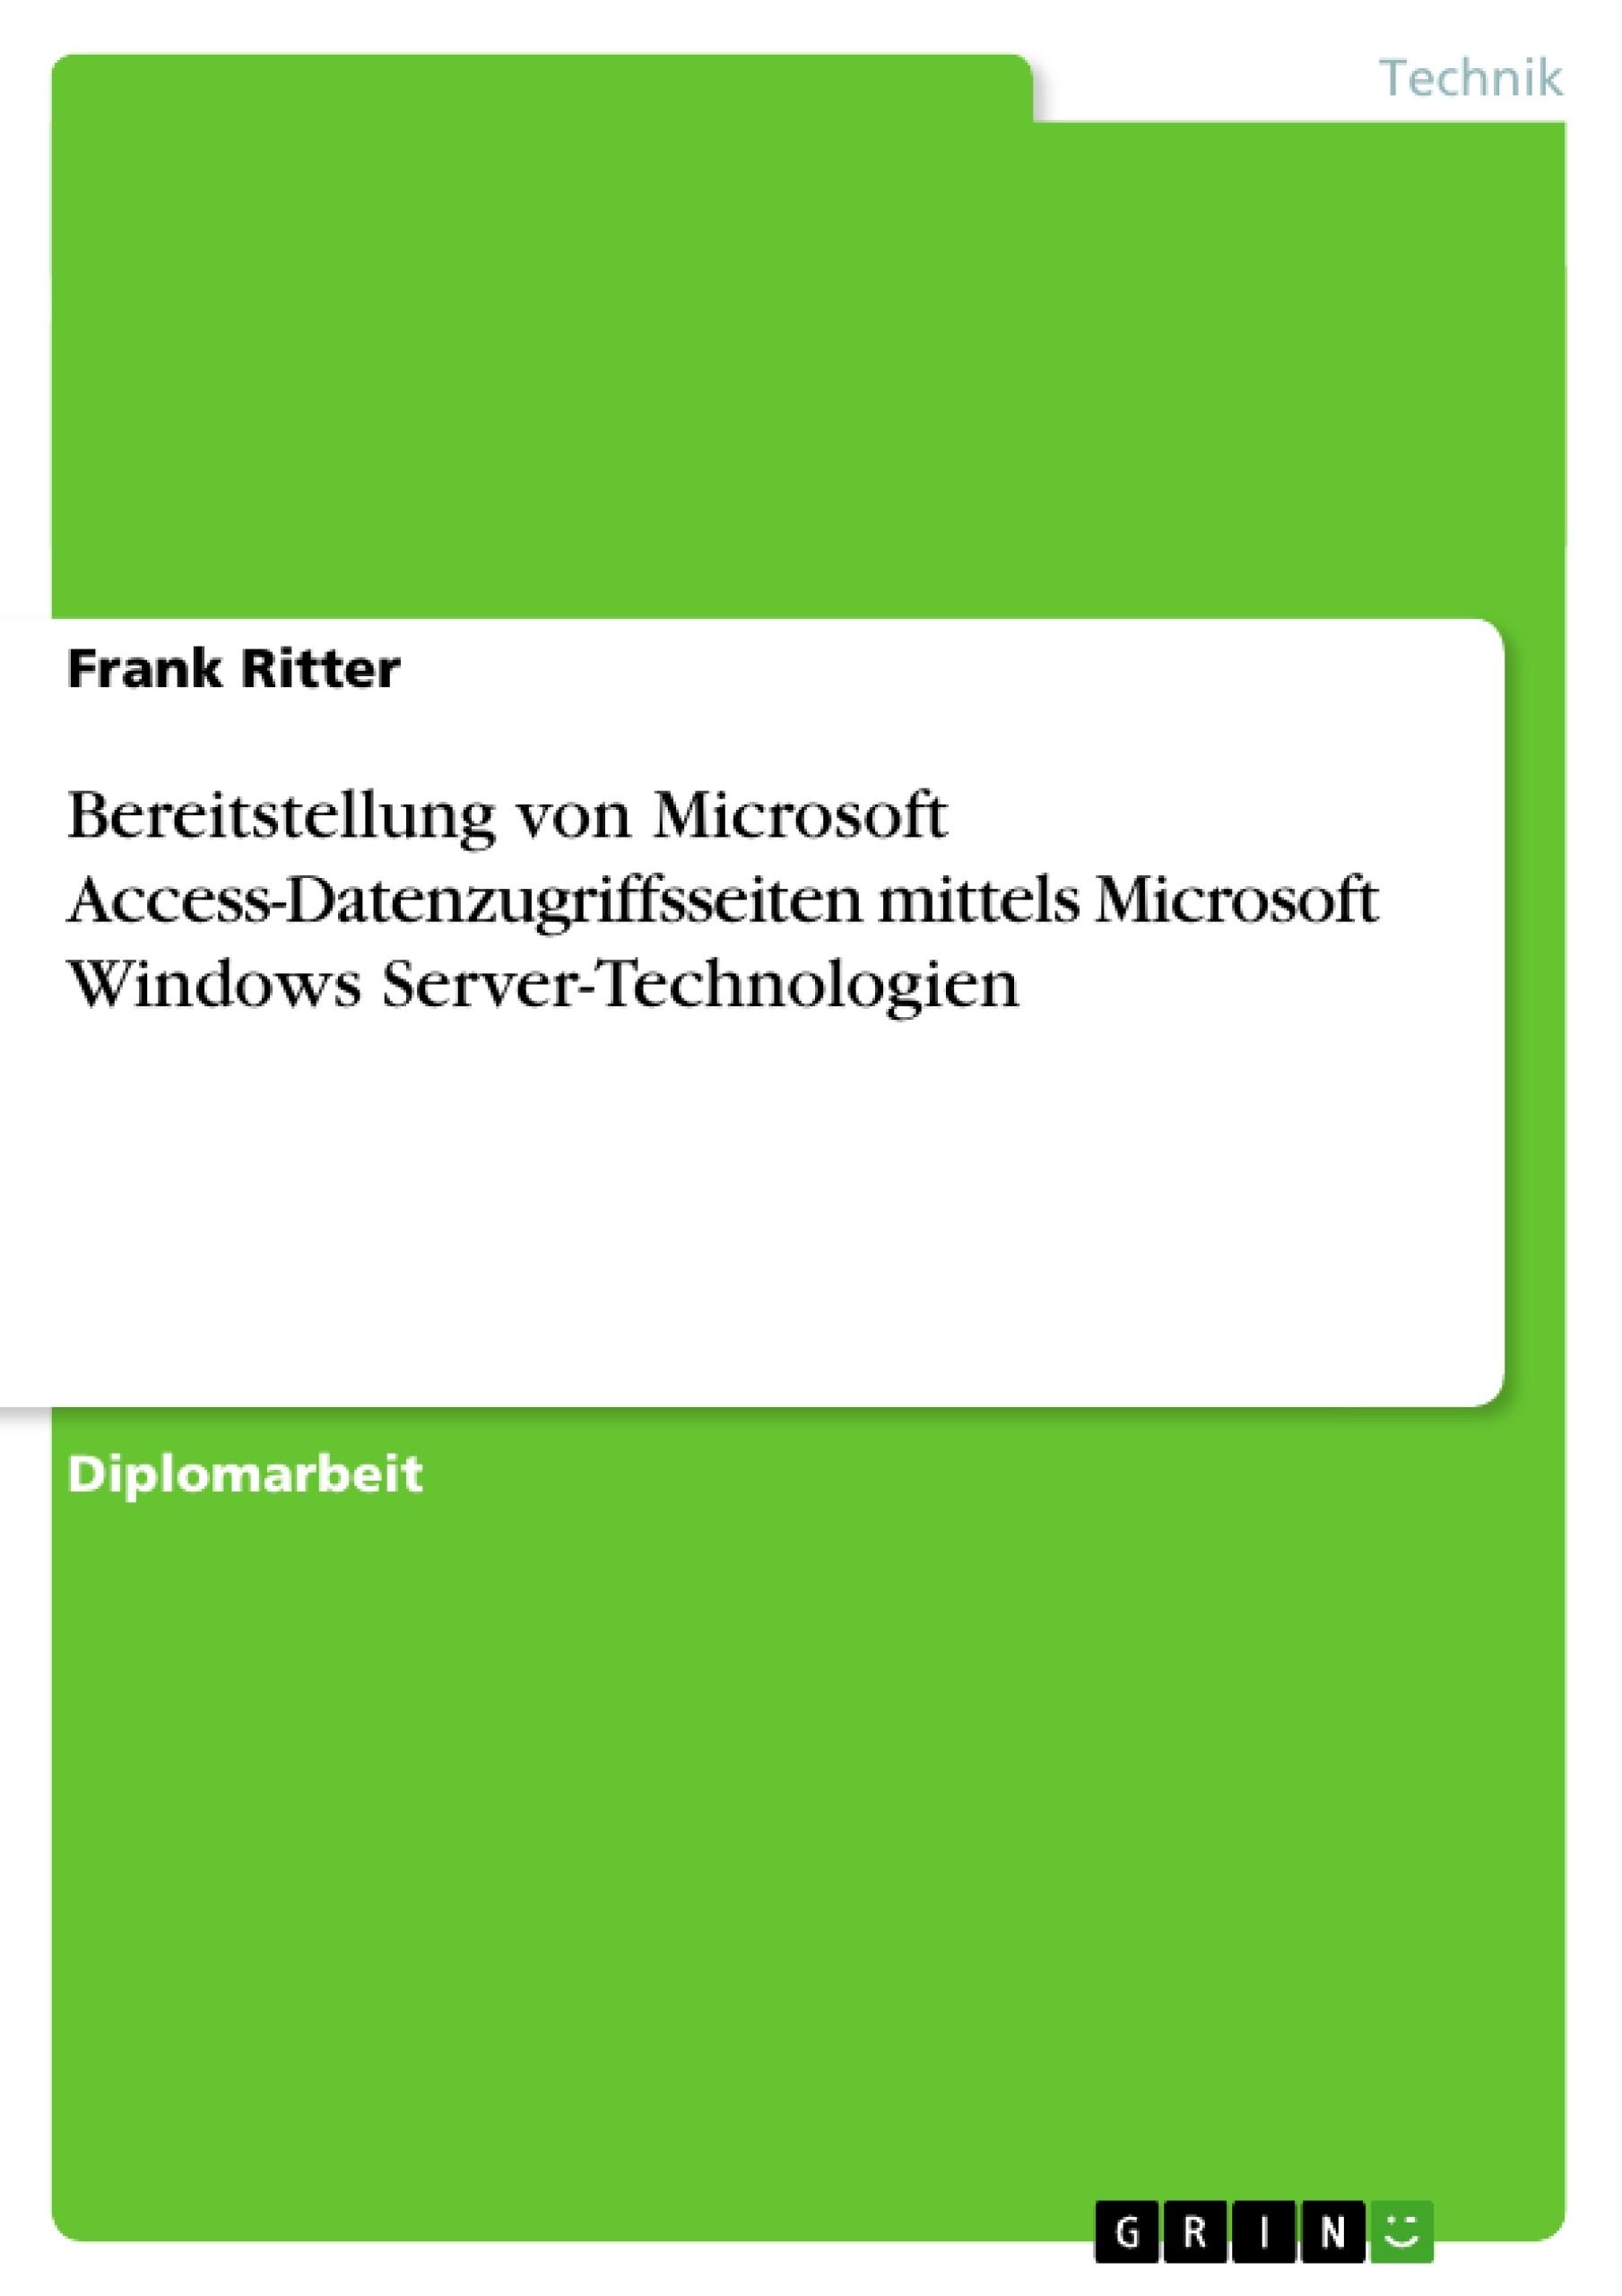 Titel: Bereitstellung von Microsoft Access-Datenzugriffsseiten mittels Microsoft Windows Server-Technologien